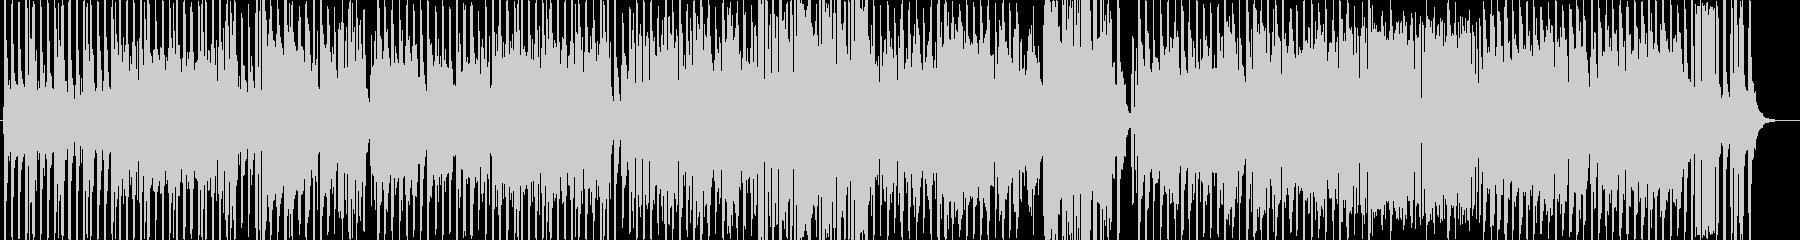 スペイン闘牛の代表的音楽の未再生の波形